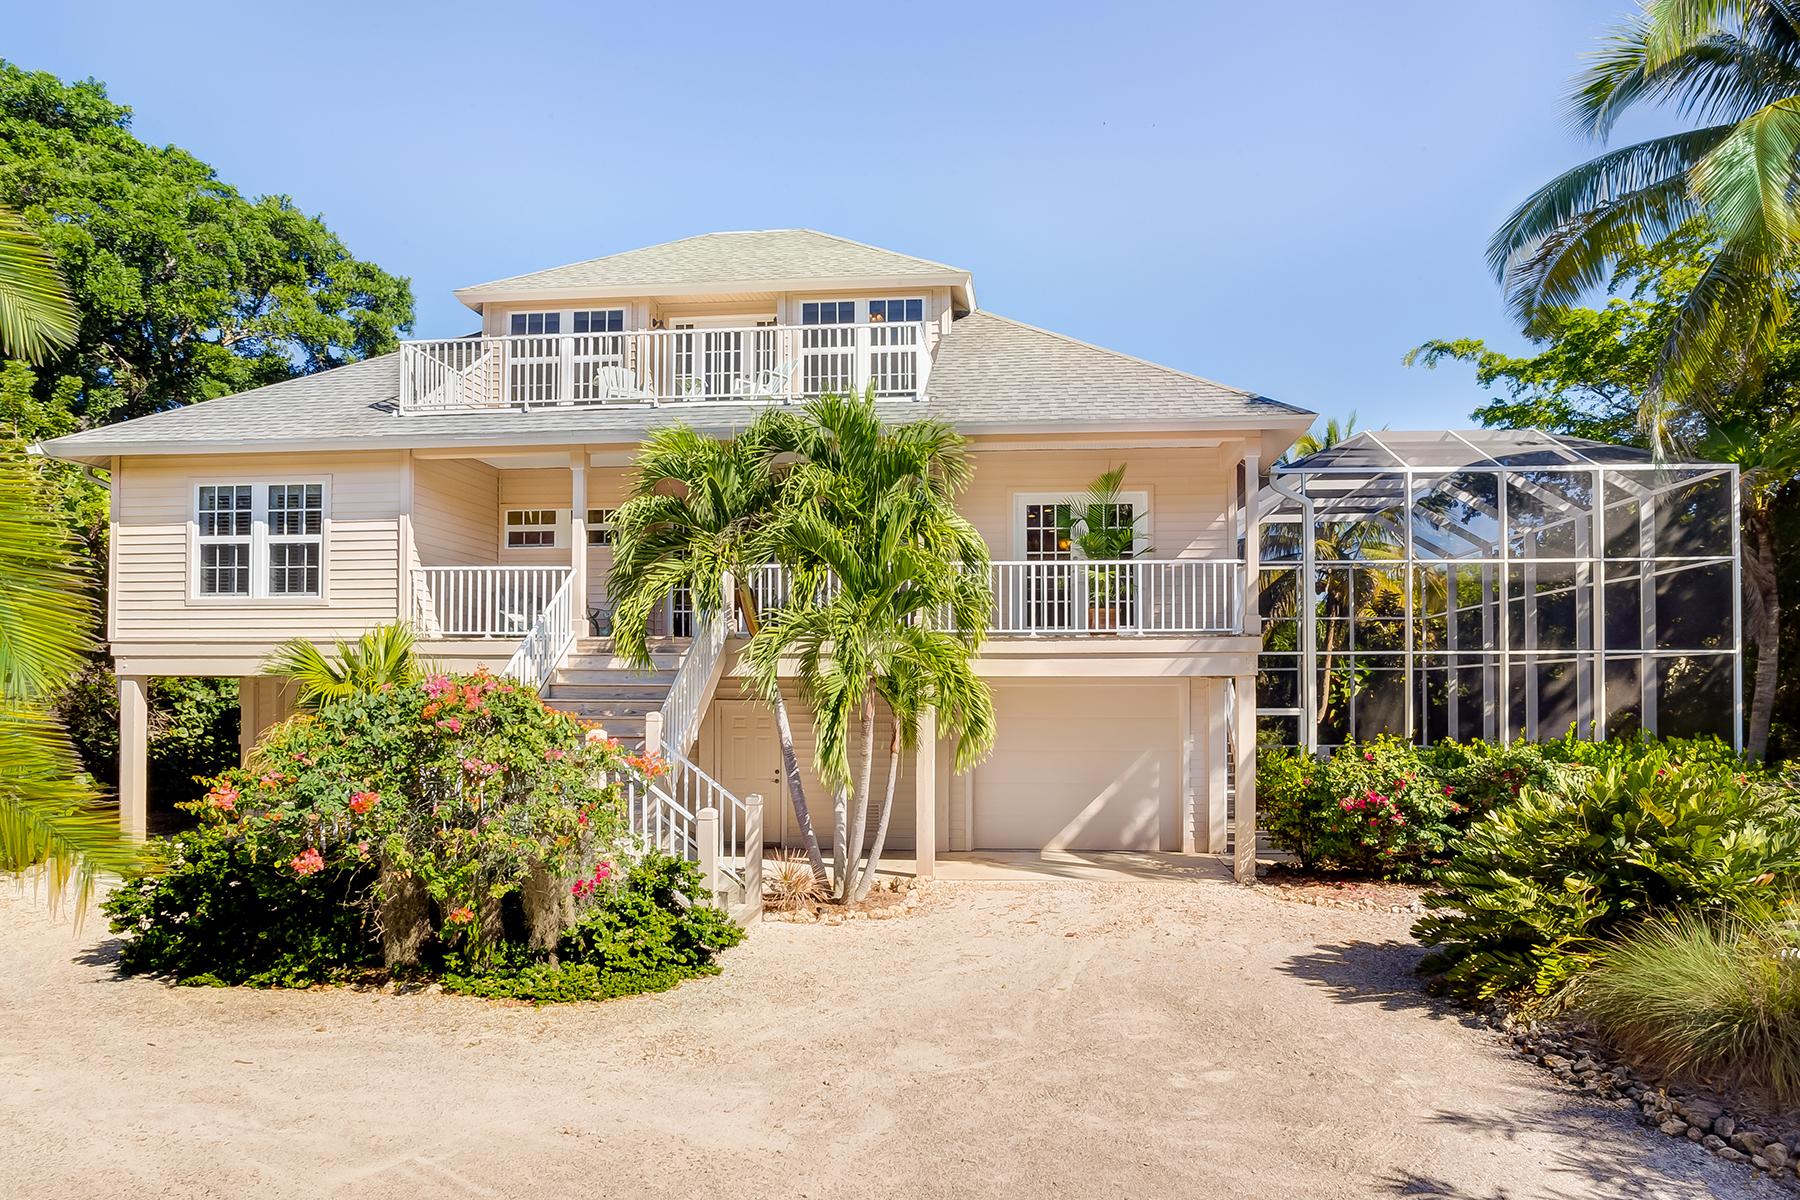 Частный односемейный дом для того Продажа на SANIBEL 3386 W Gulf Dr Sanibel, Флорида, 33957 Соединенные Штаты